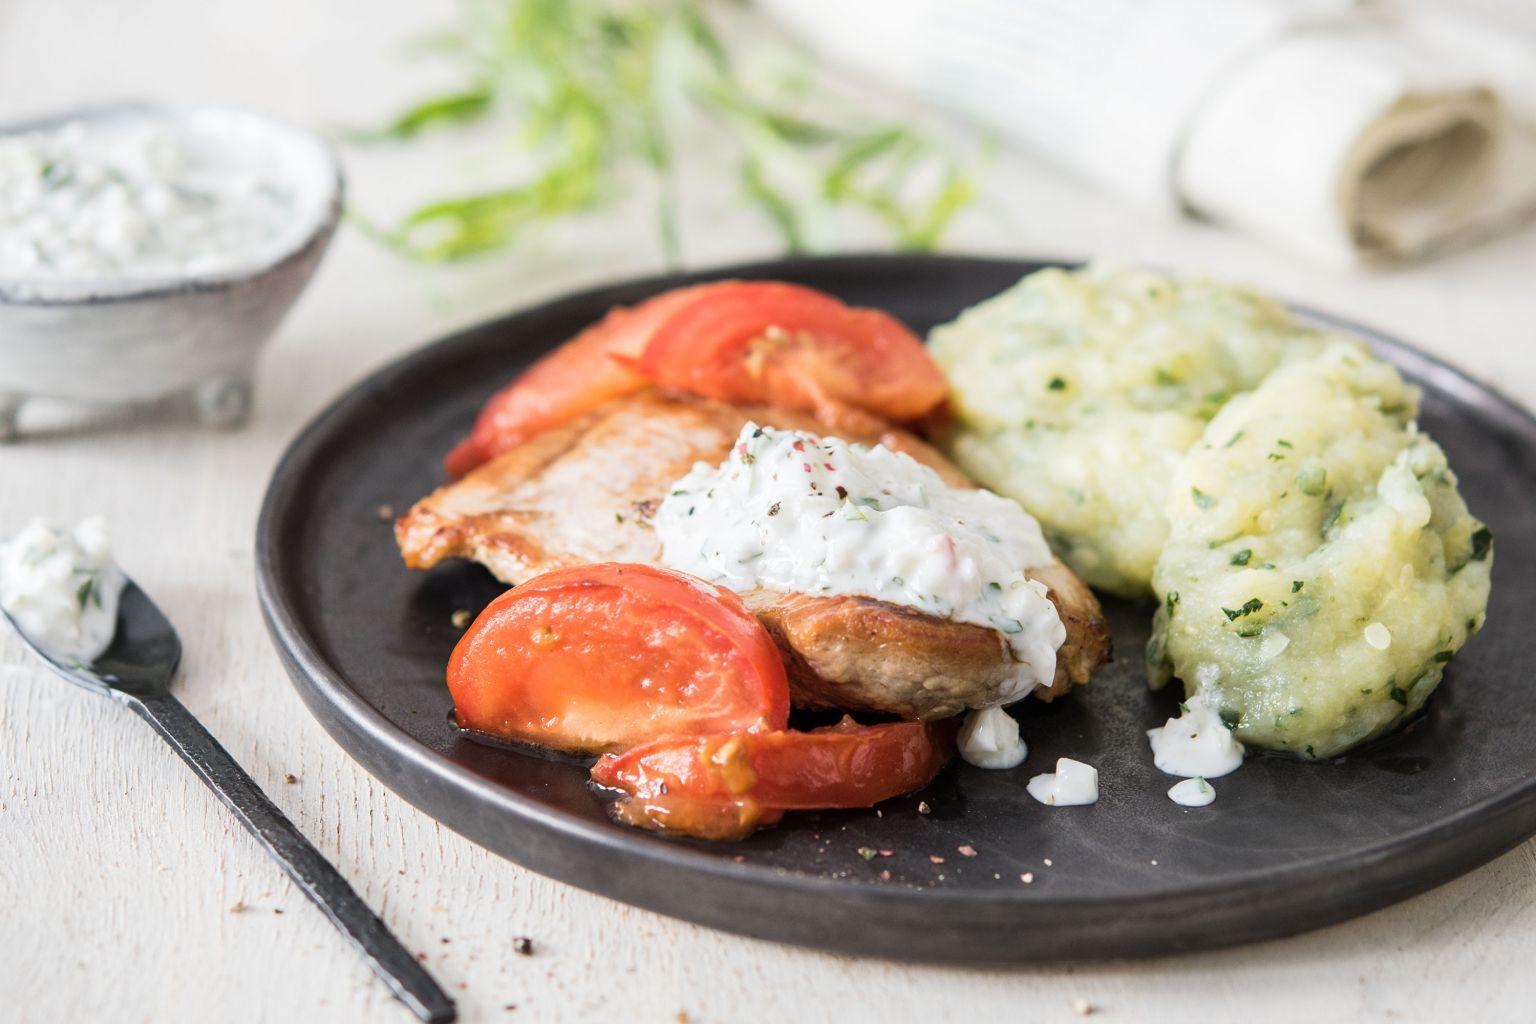 Bavette de porc, sauce béarnaise légère et purée à la courgette